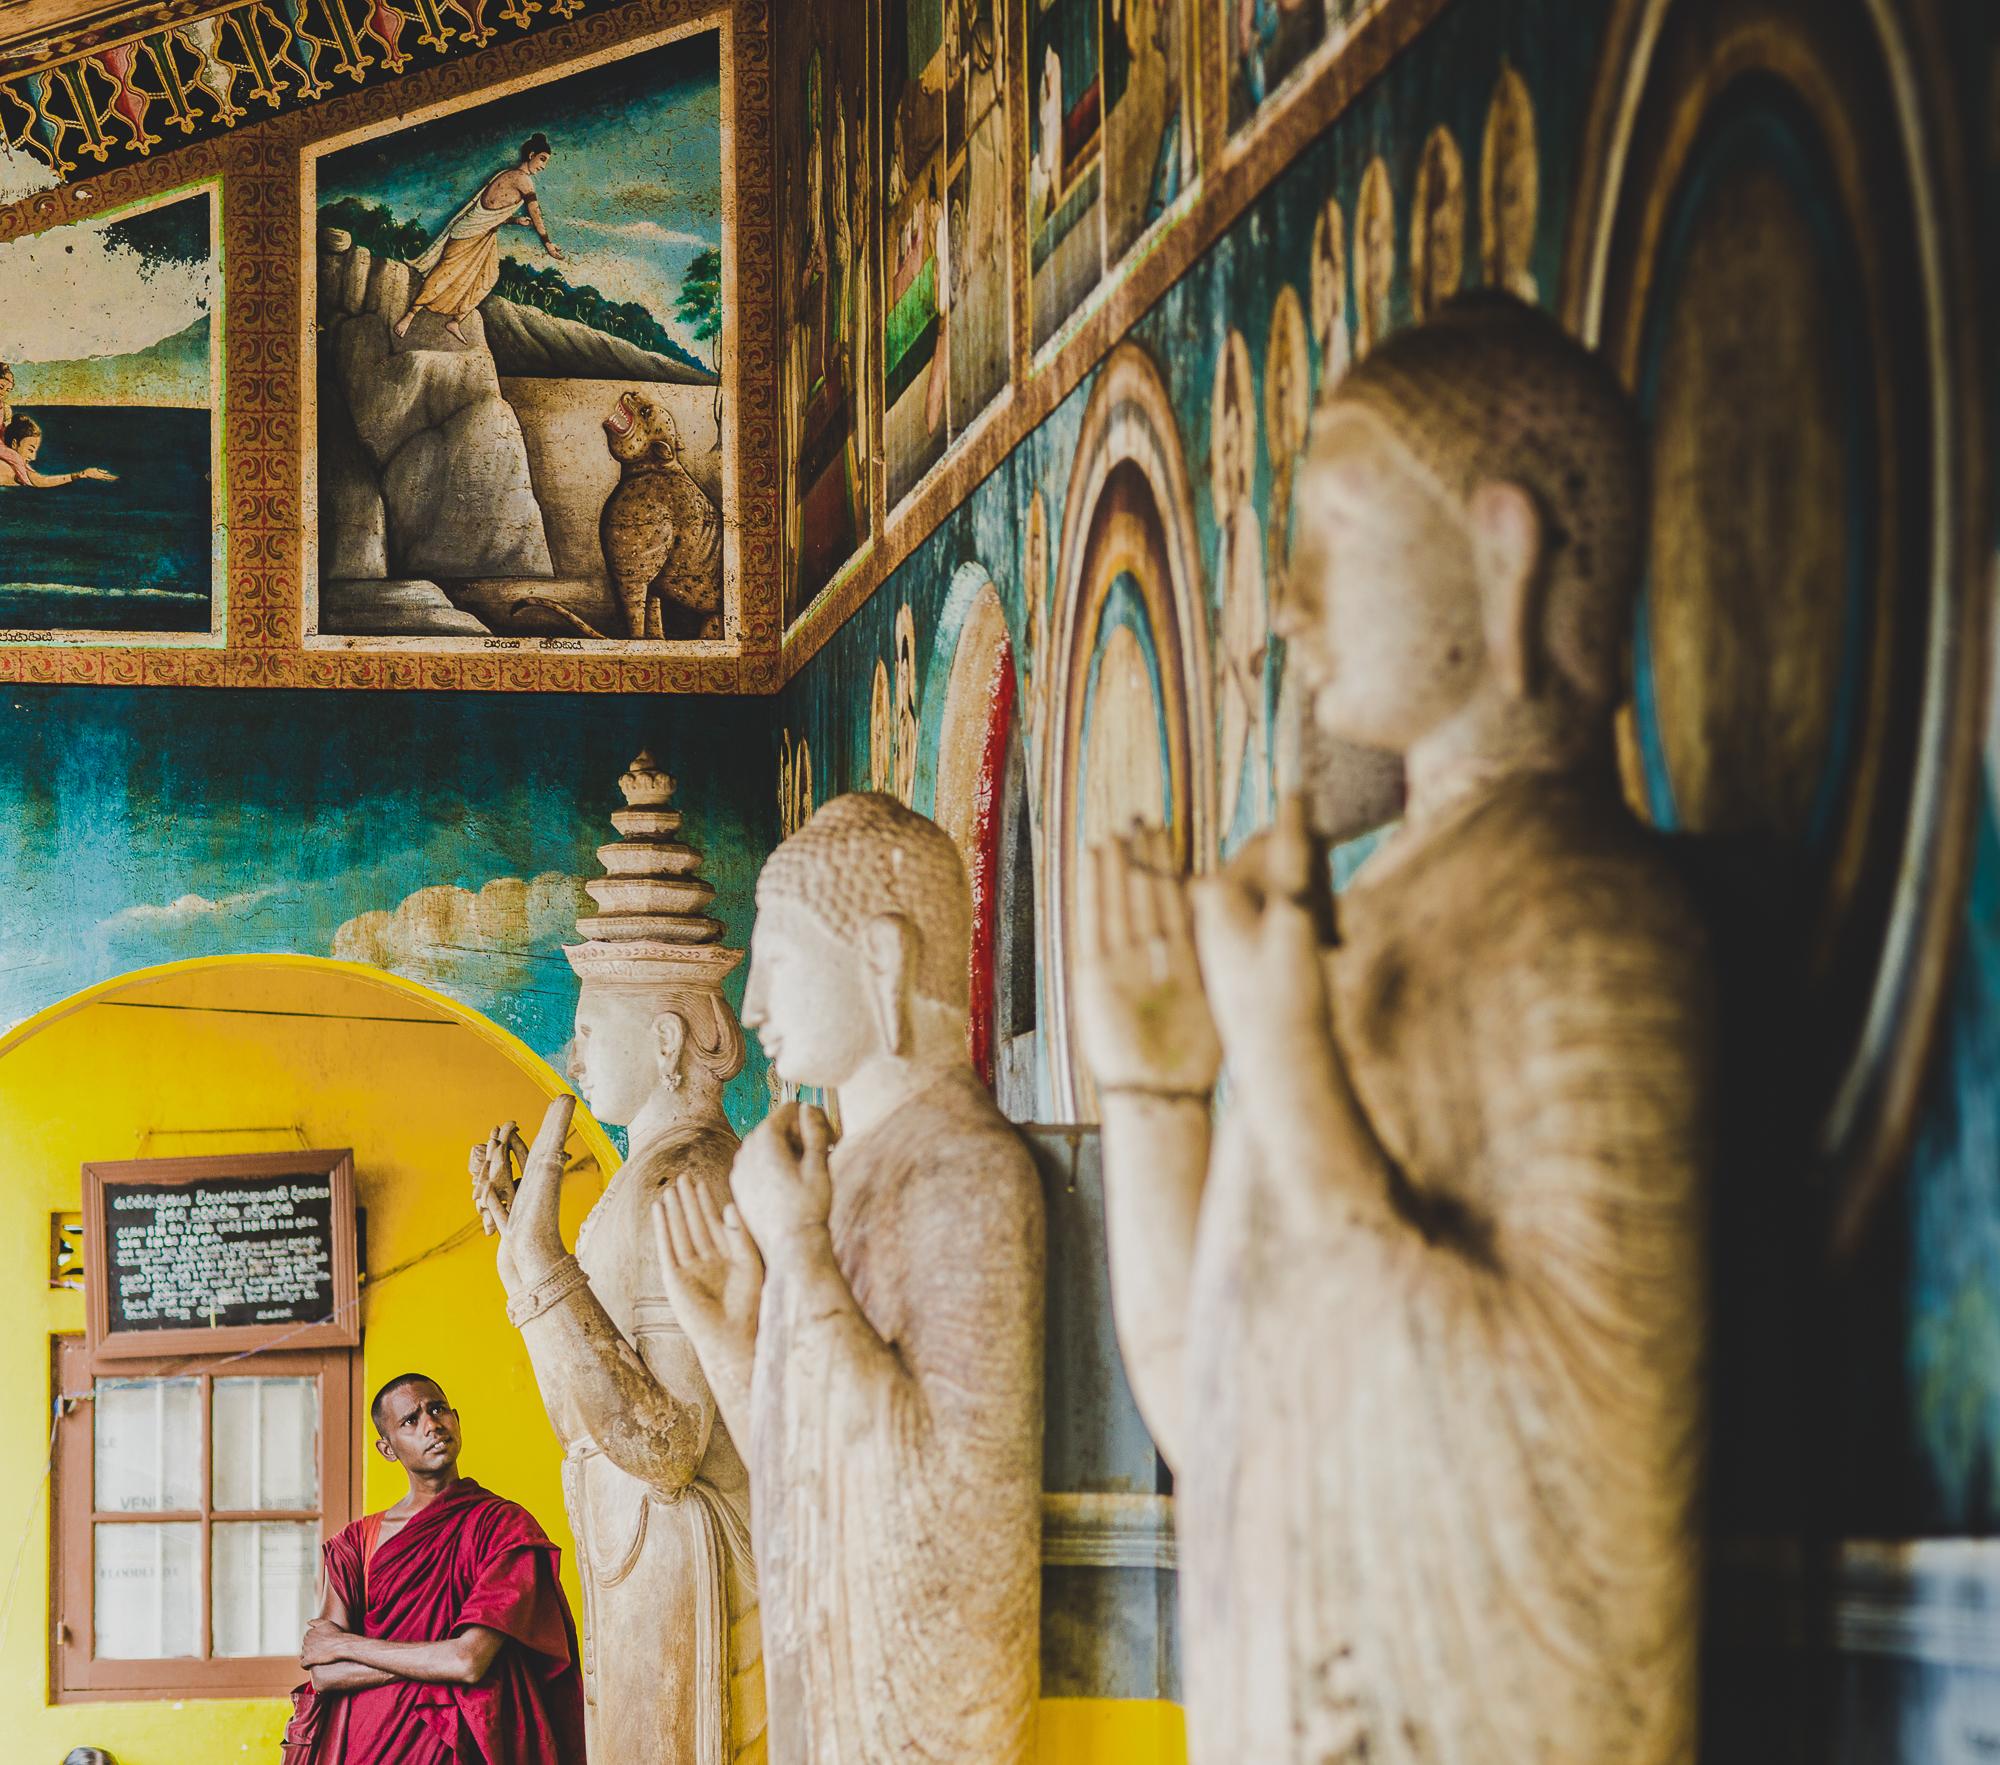 Monk looking at statues of Bhudda